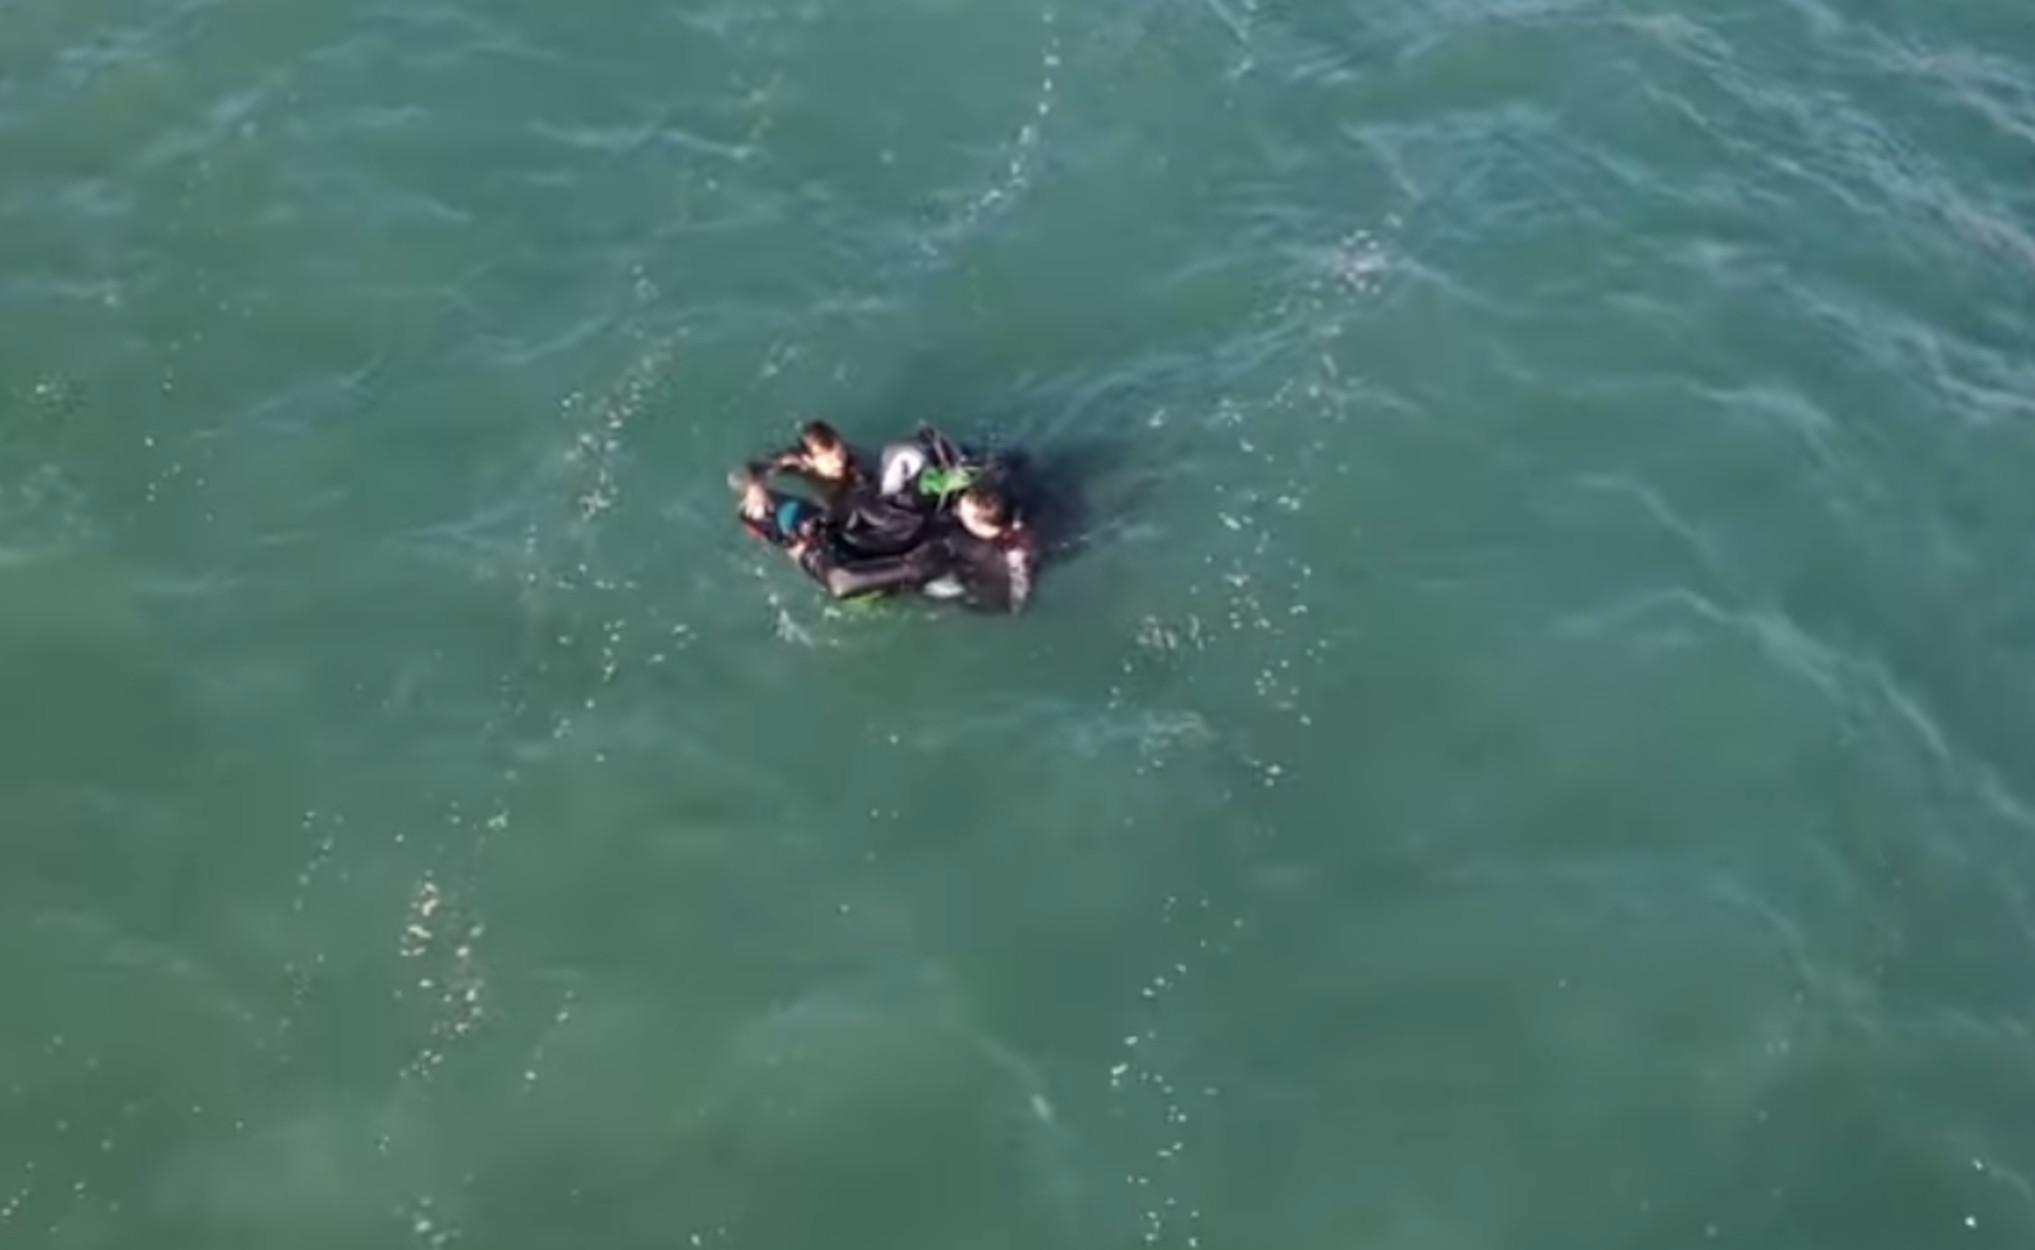 Λούτσα: Βίντεο – ντοκουμέντο με δραματική διάσωση σέρφερ και κολυμβητή (video)